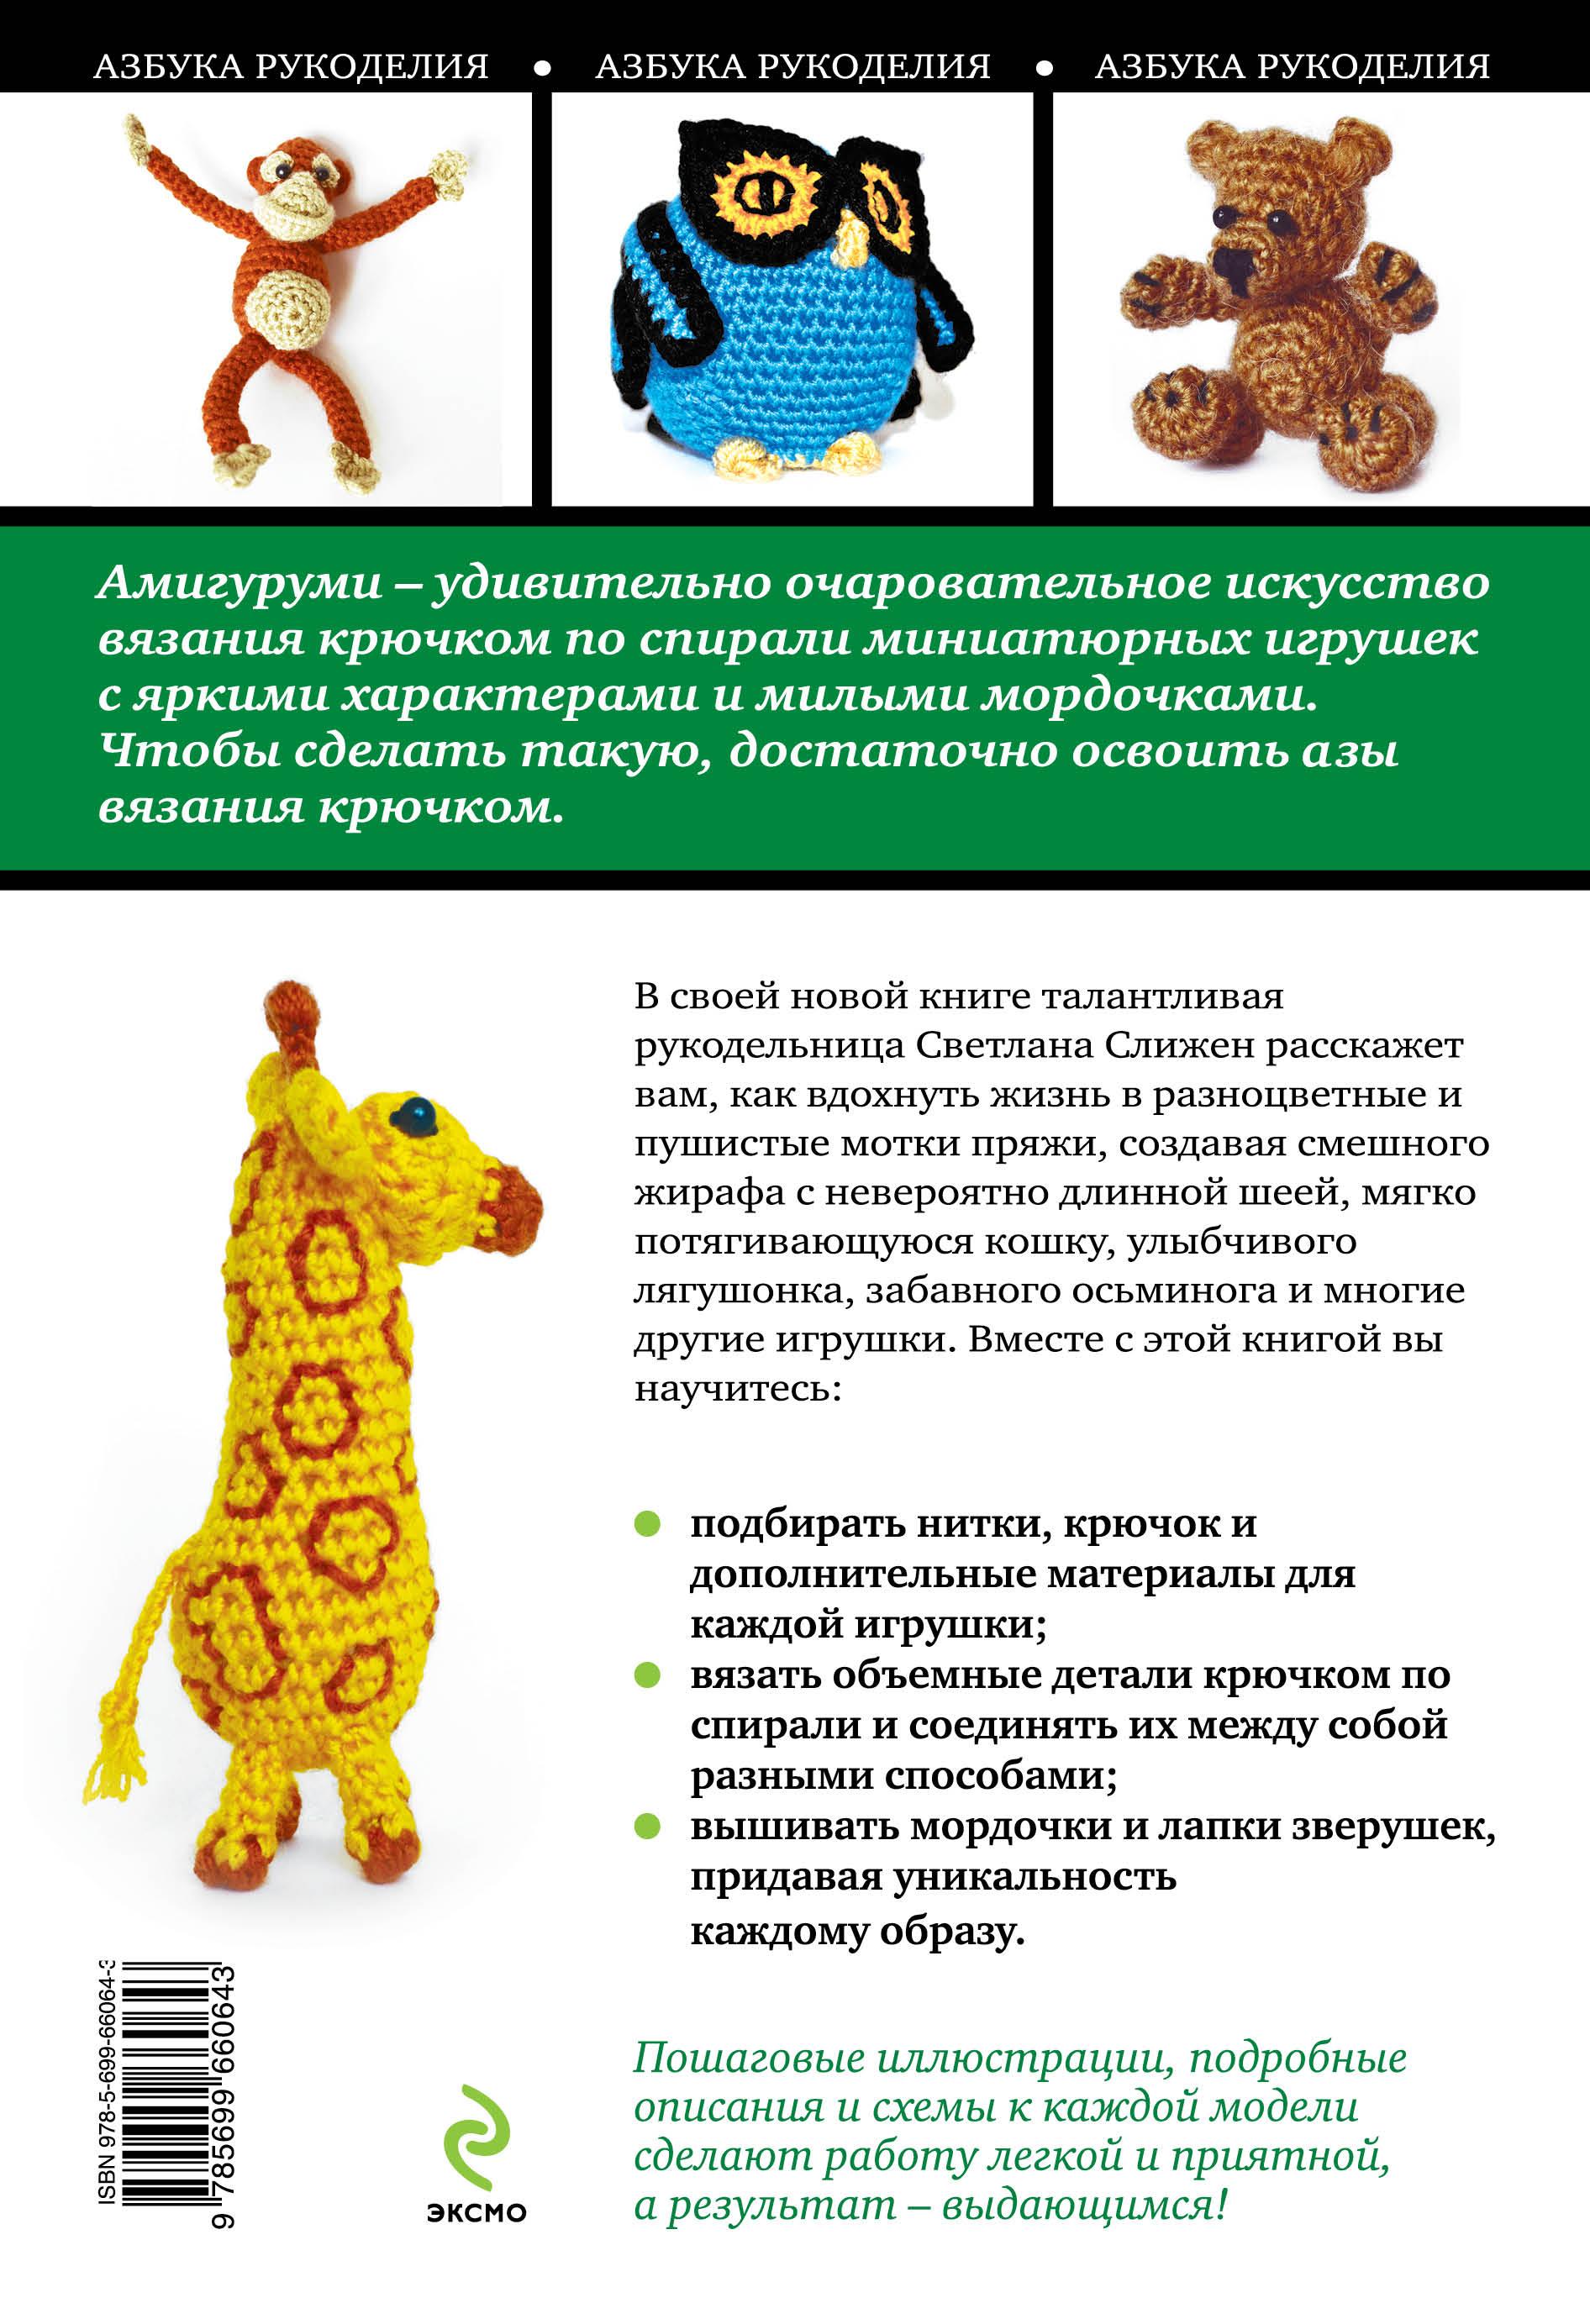 Амигуруми. Очаровательные зверушки, связанные крючком